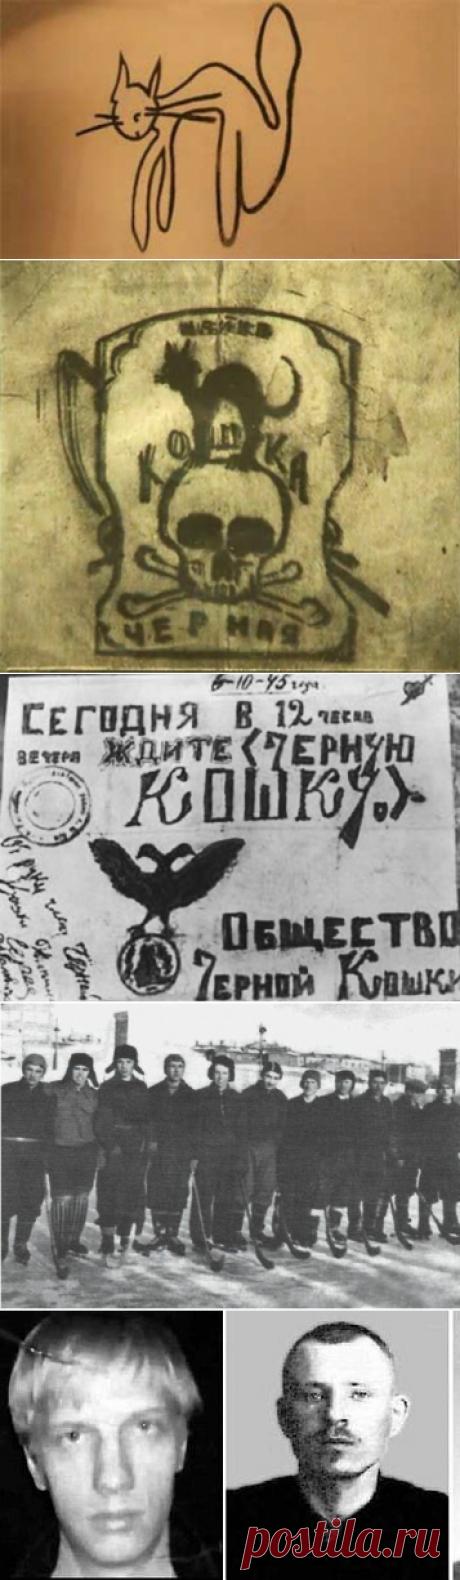 Засекреченная «Черная кошка»: почему дело самой таинственной банды послевоенного времени было под грифом «Секретно» | Знаете ли вы, что... | Яндекс Дзен